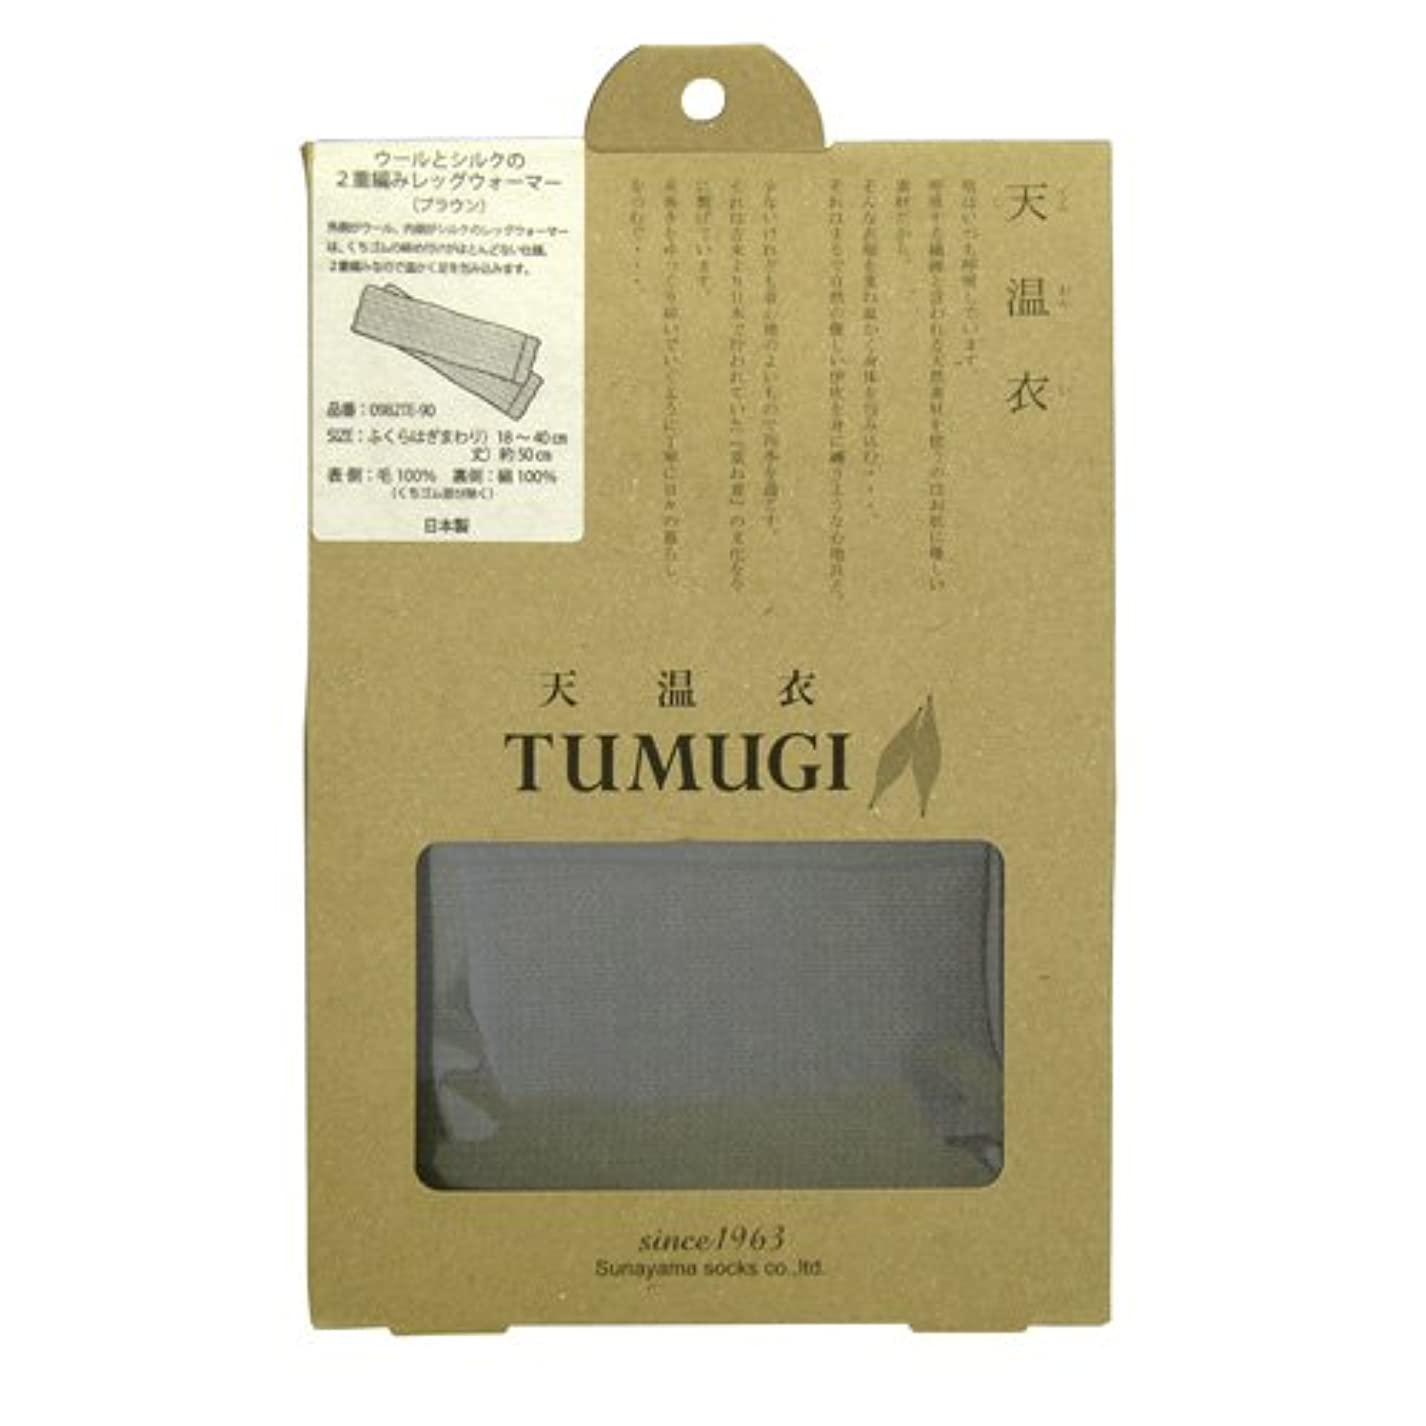 エントリダッシュプラスチック砂山靴下 TUMUGI ウールと砂山靴下 シルクの2重編みレッグウォーマー ブラウン